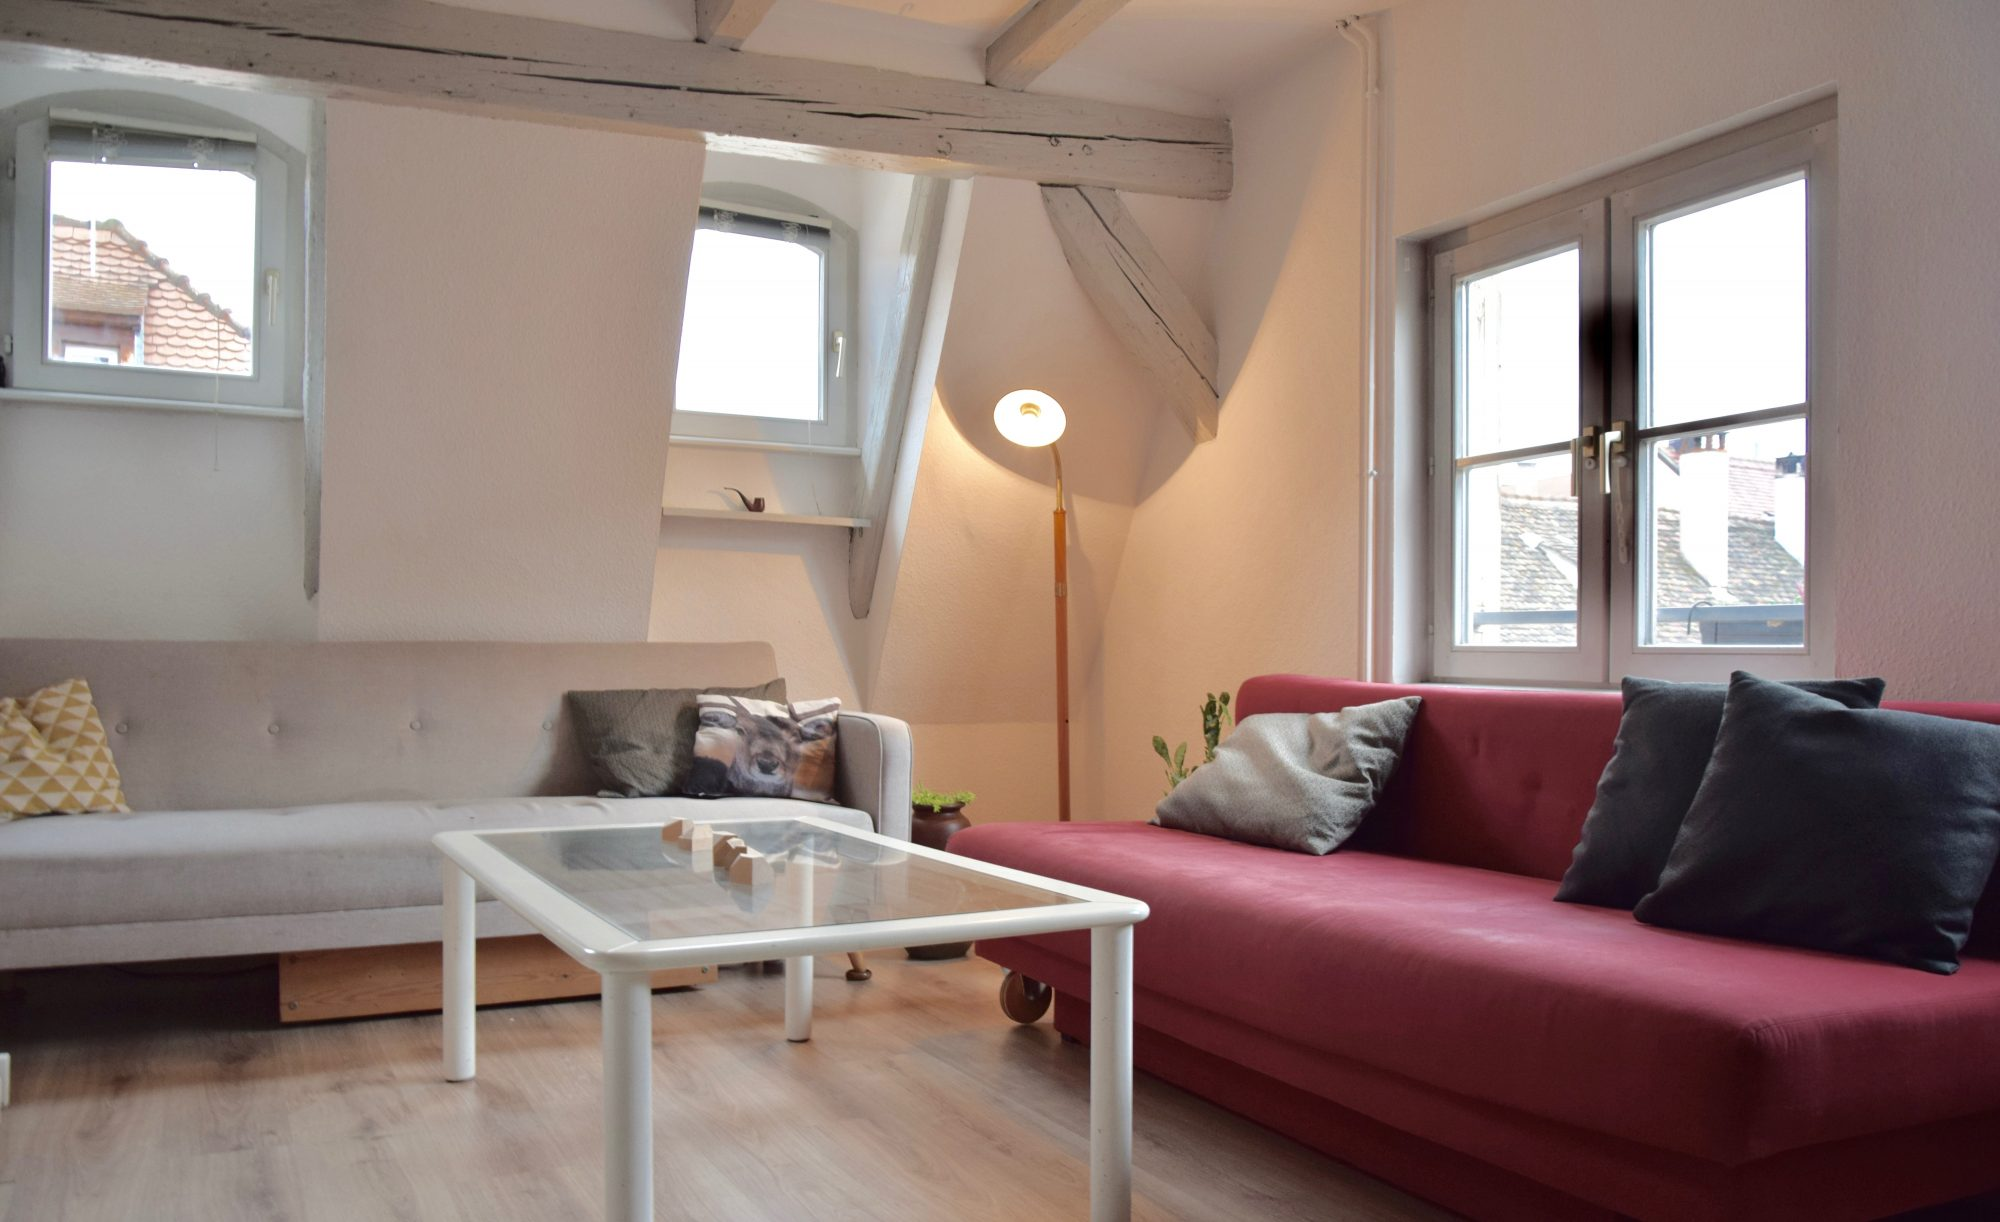 3 PIECES EN DUPLEX GRANDE ÎLE - Devenez locataire en toute sérénité - Bintz Immobilier - 1